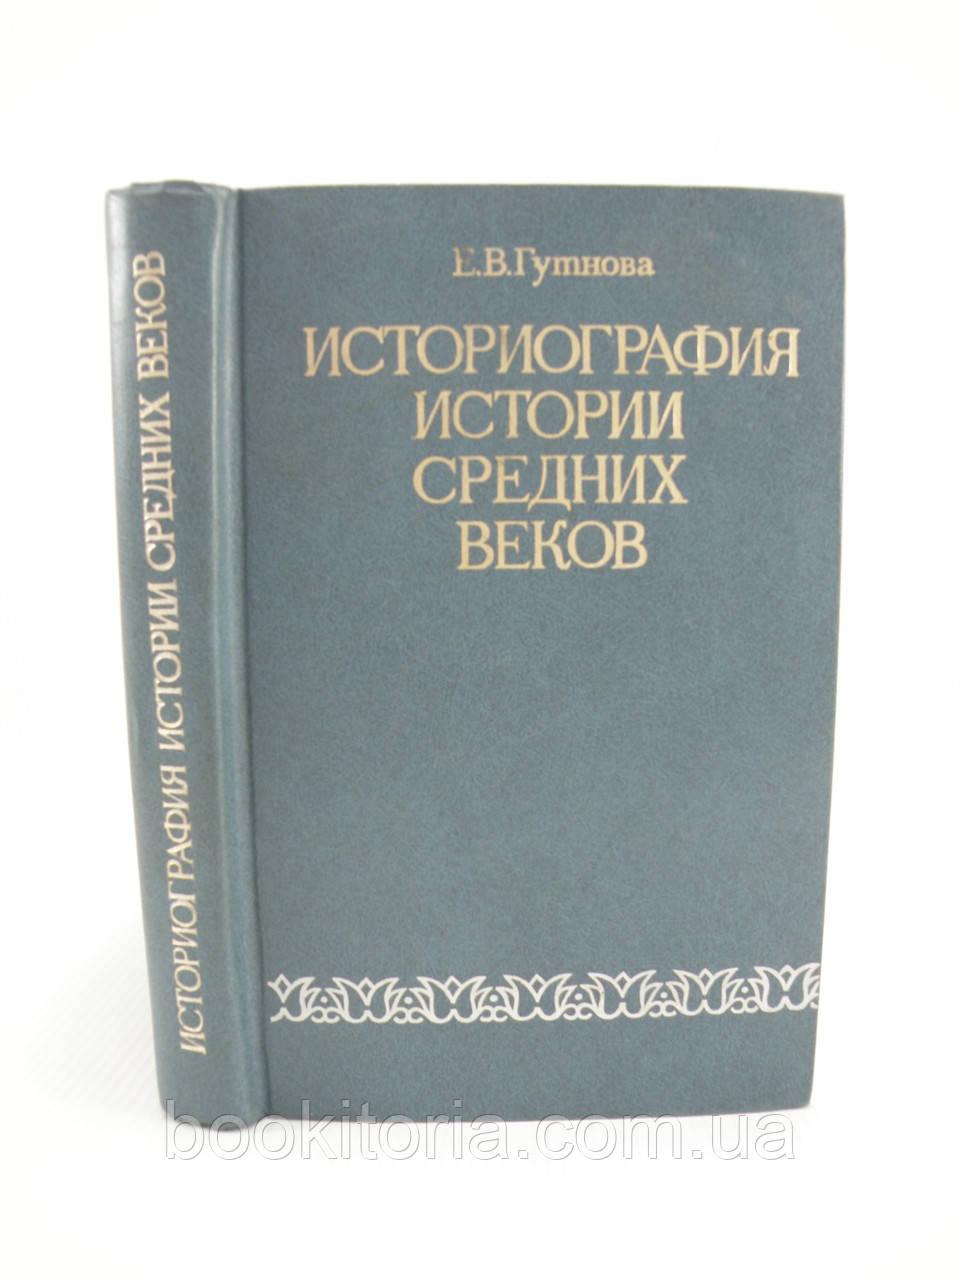 Гутнова Е. Историография истории средних веков (б/у).